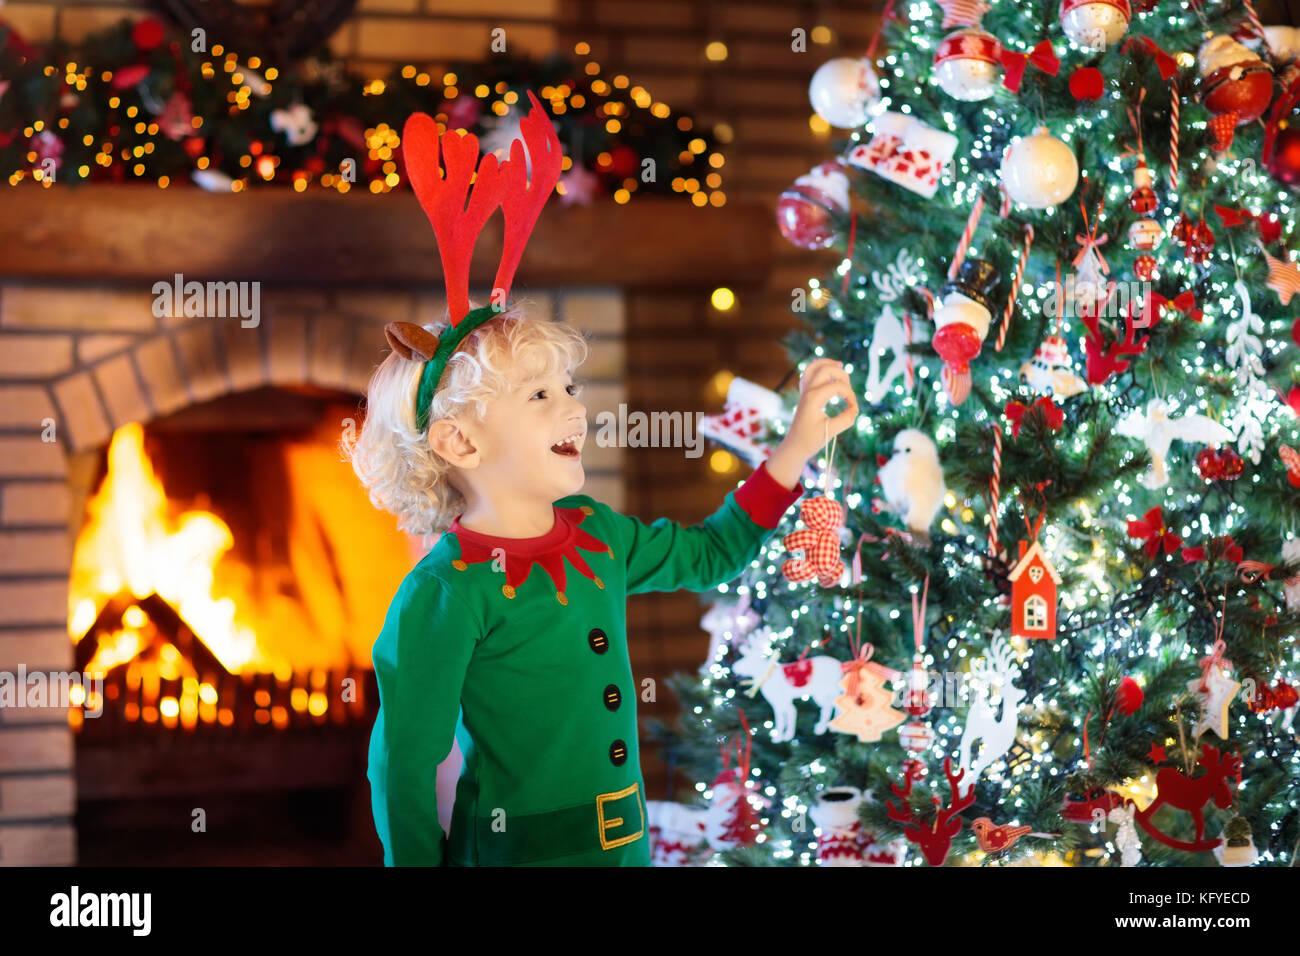 Kind am Weihnachtsbaum und Kamin auf Heiligabend. Familien mit ...